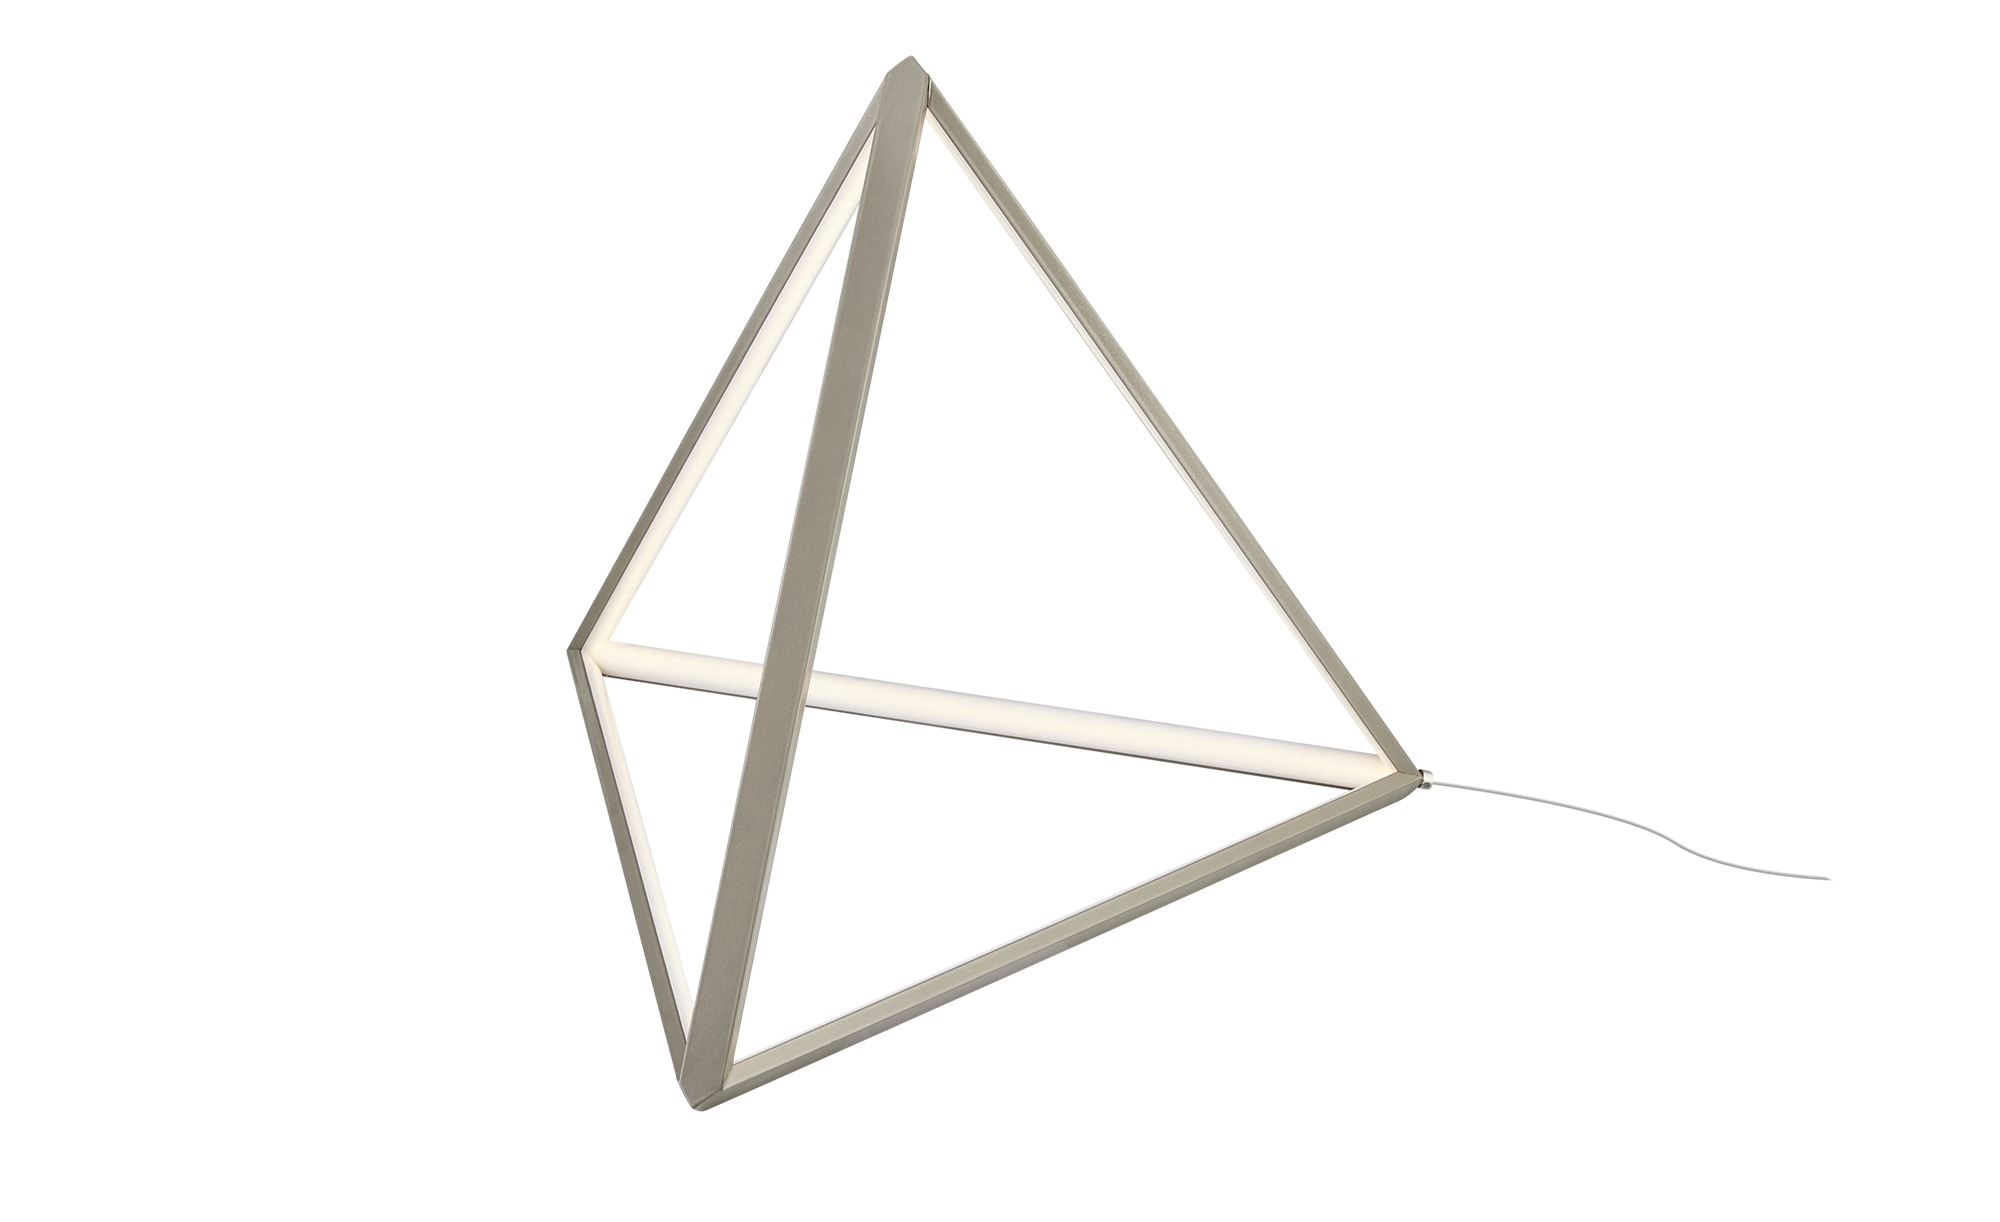 Meisterleuchten LED-Tischleuchte ´Pyramide` ¦ Aluminum ¦ Maße (cm): B: 42,5 H: 36 Lampen & Leuchten > Innenleuchten > Tischlampen - Höffner